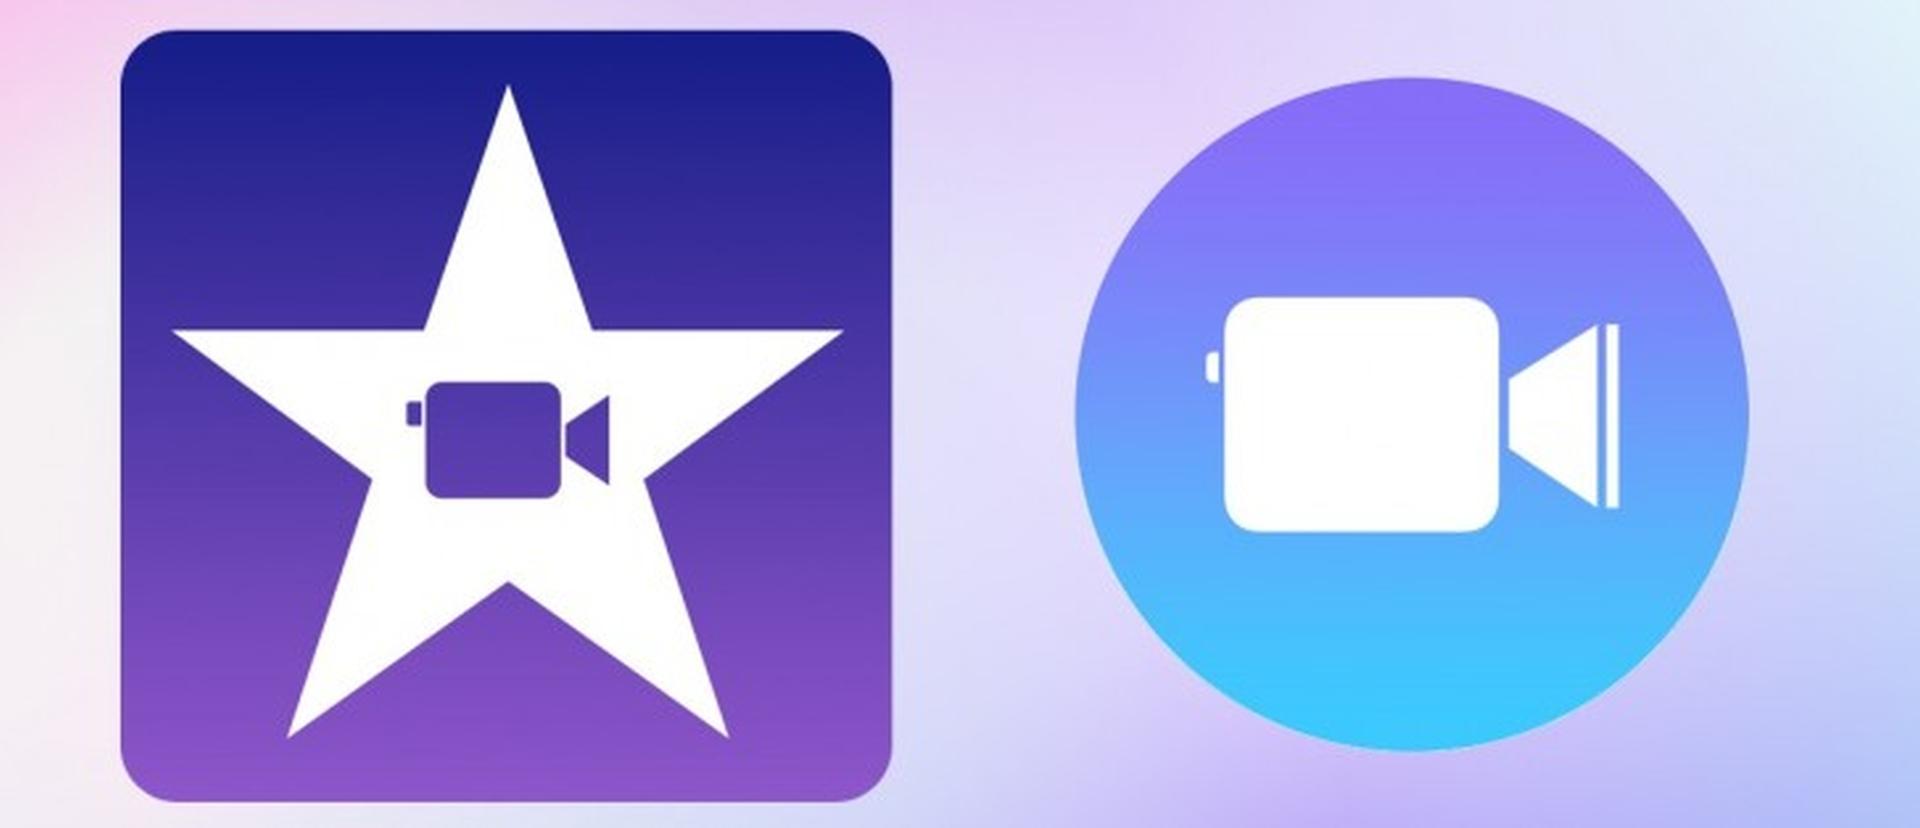 Aktualizacja aplikacji iMovie oraz Clips dla systemów iOS/iPadOS